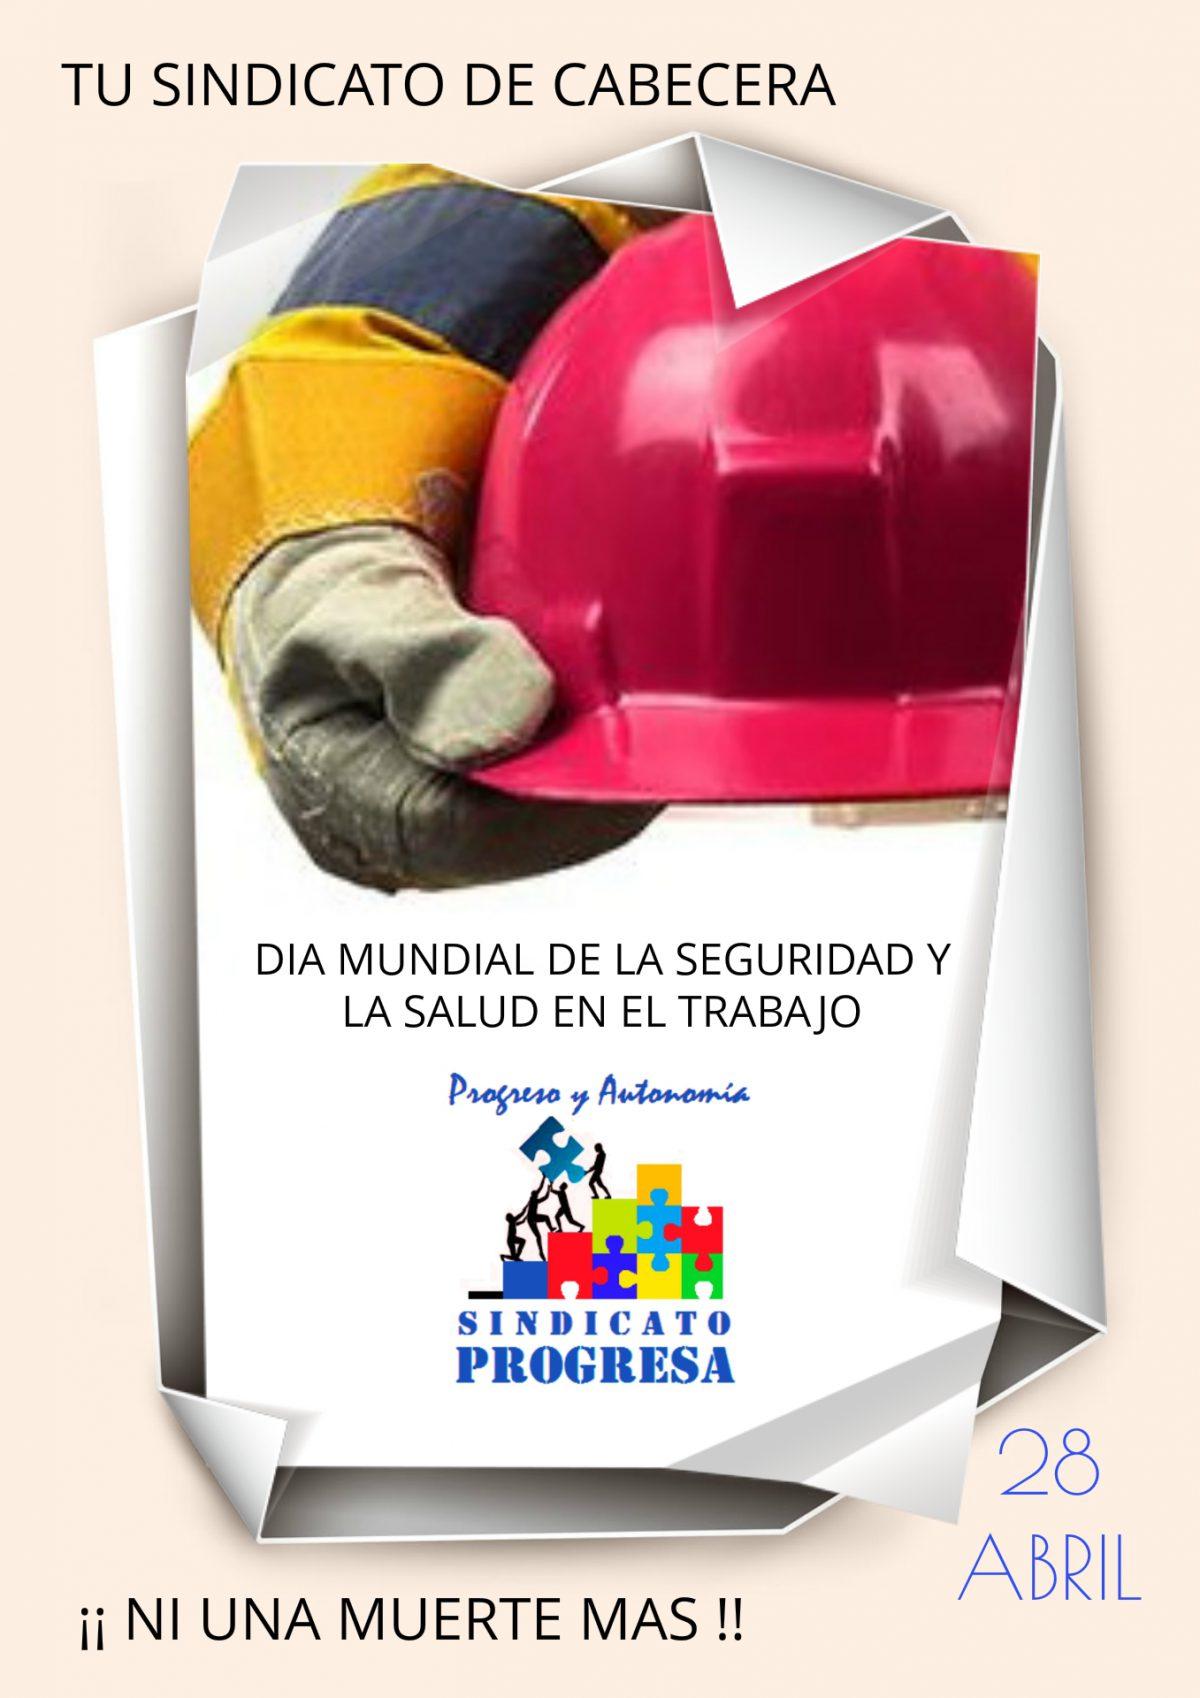 28 DE ABRIL Día mundial de la seguridad y la salud en el trabajo